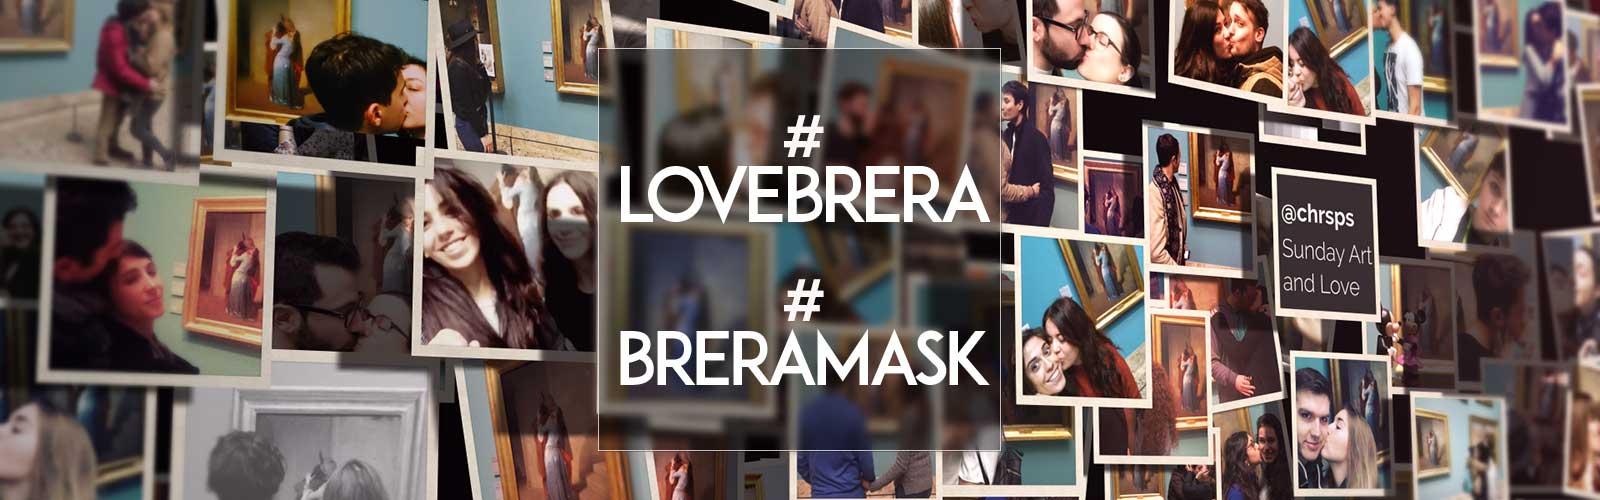 A febbraio in Pinacoteca con #Lovebrera e #Breramask